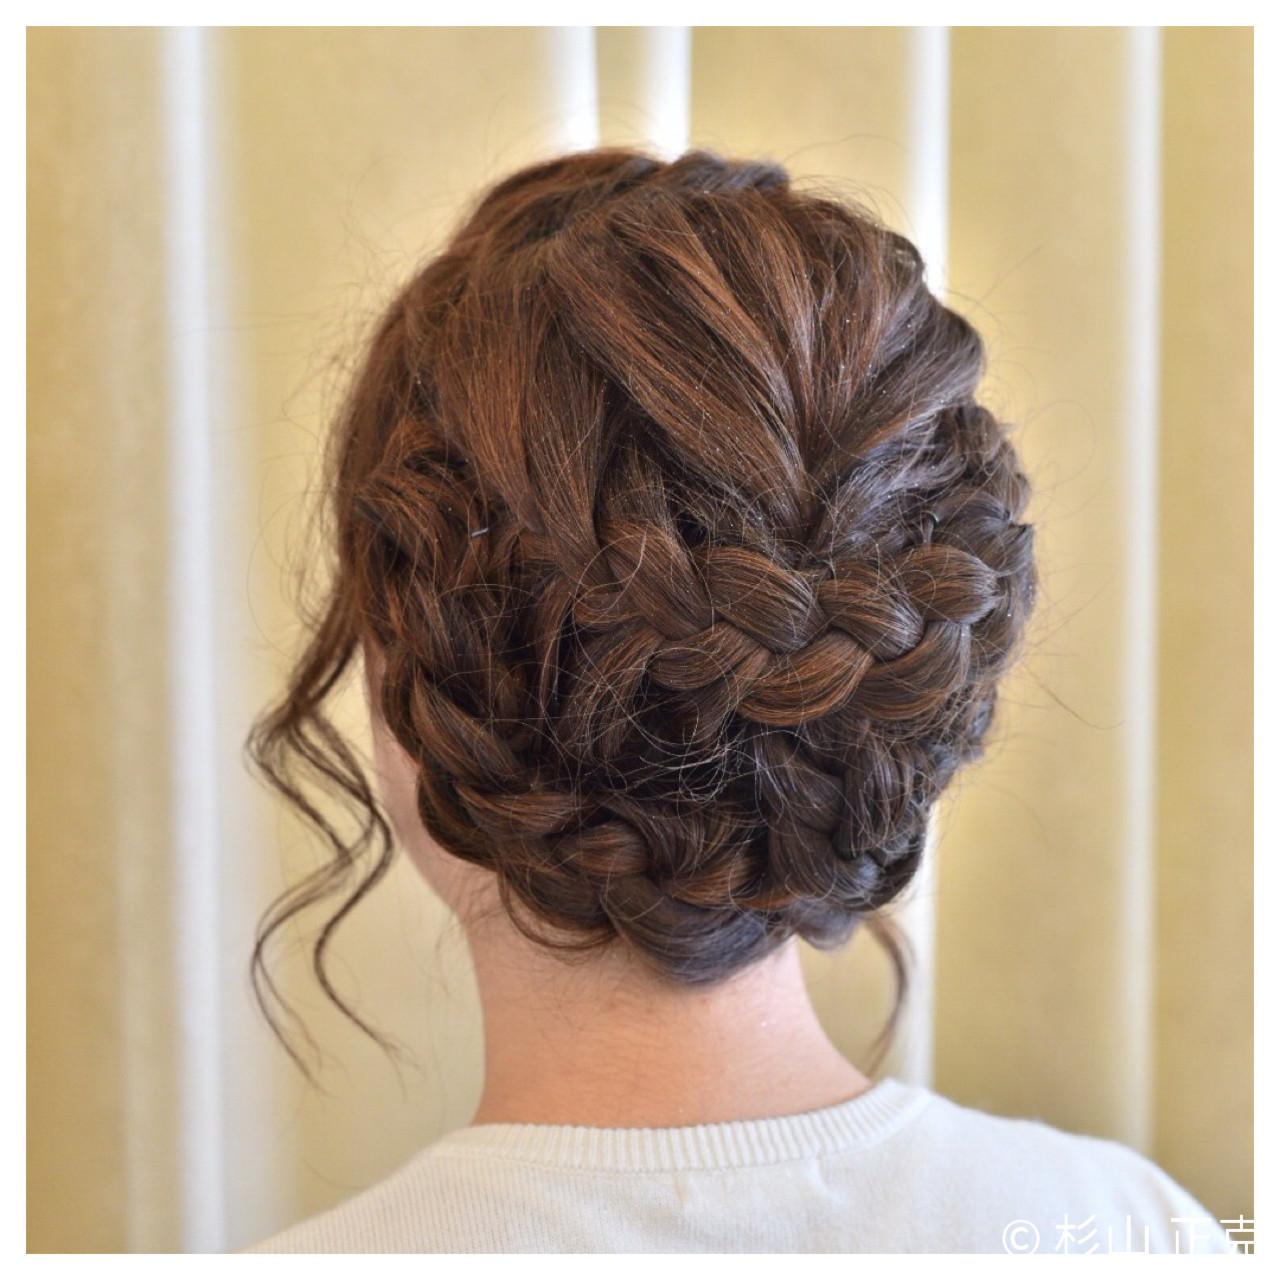 ヘアアレンジ フィッシュボーン 結婚式 ロング ヘアスタイルや髪型の写真・画像 | 杉山 正克 / lCONIQ 日進梅森台